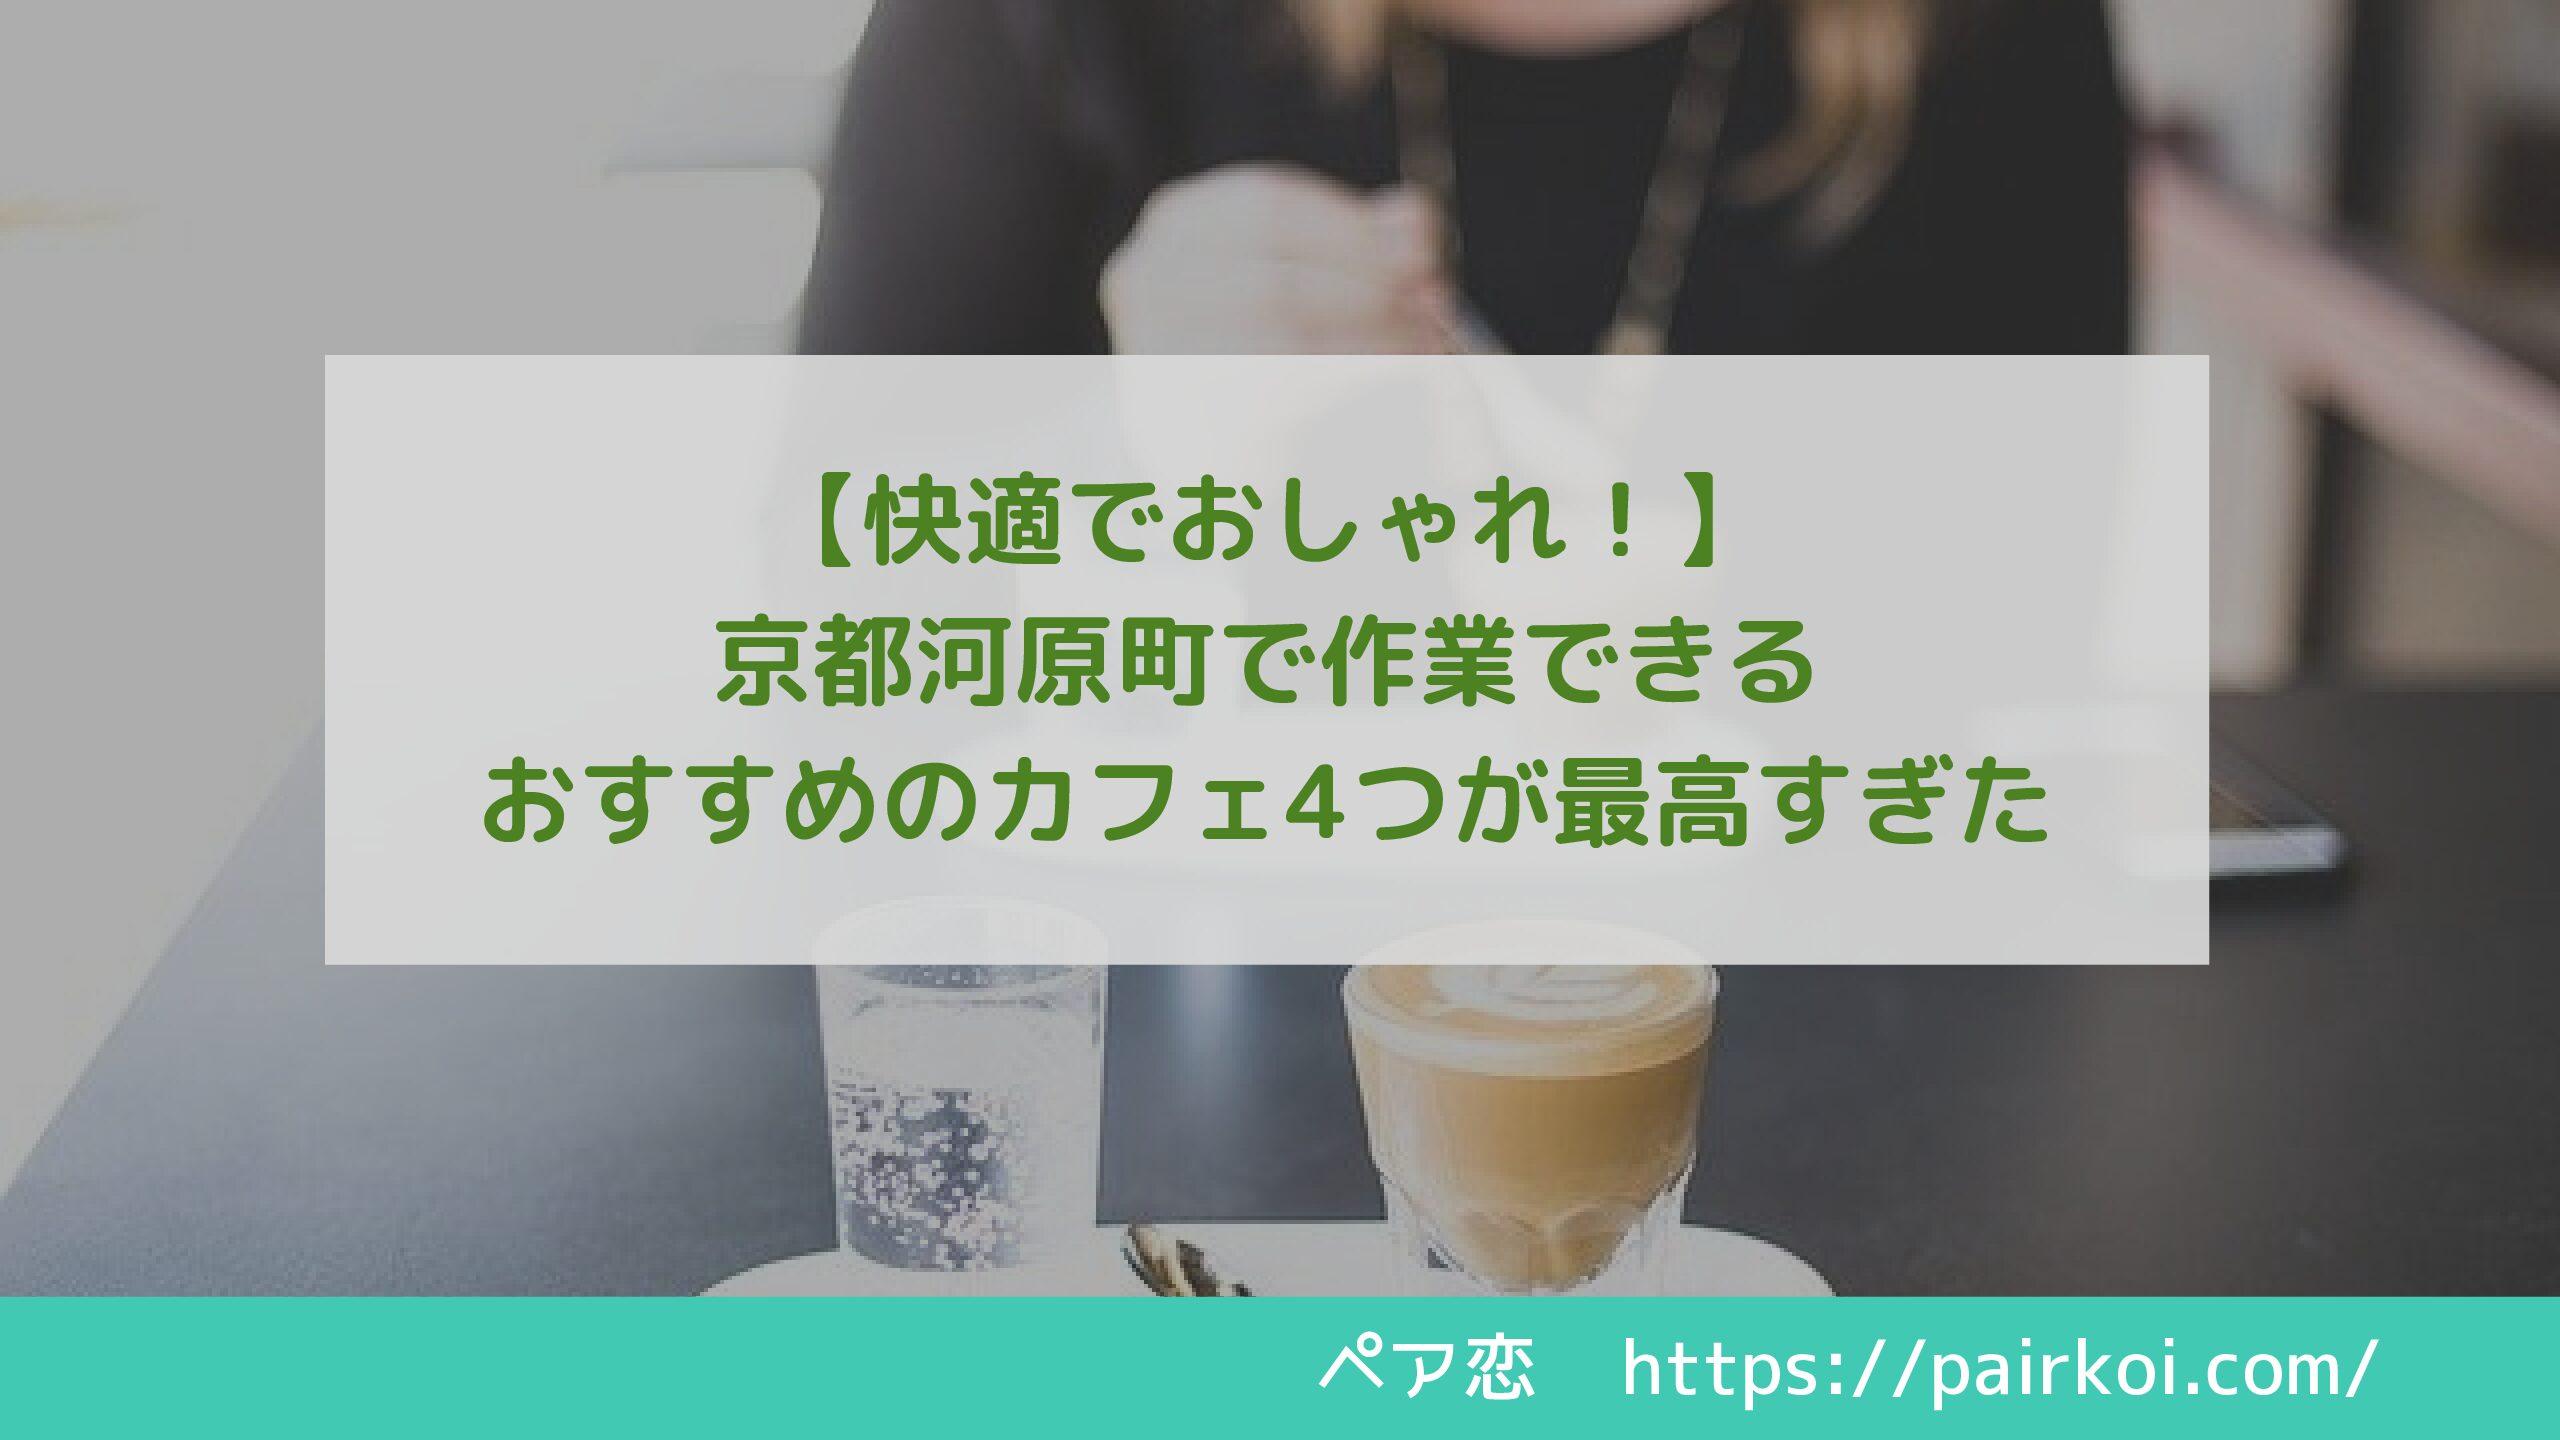 【快適でおしゃれ!】京都河原町で作業できるおすすめのカフェ4つが最高すぎた